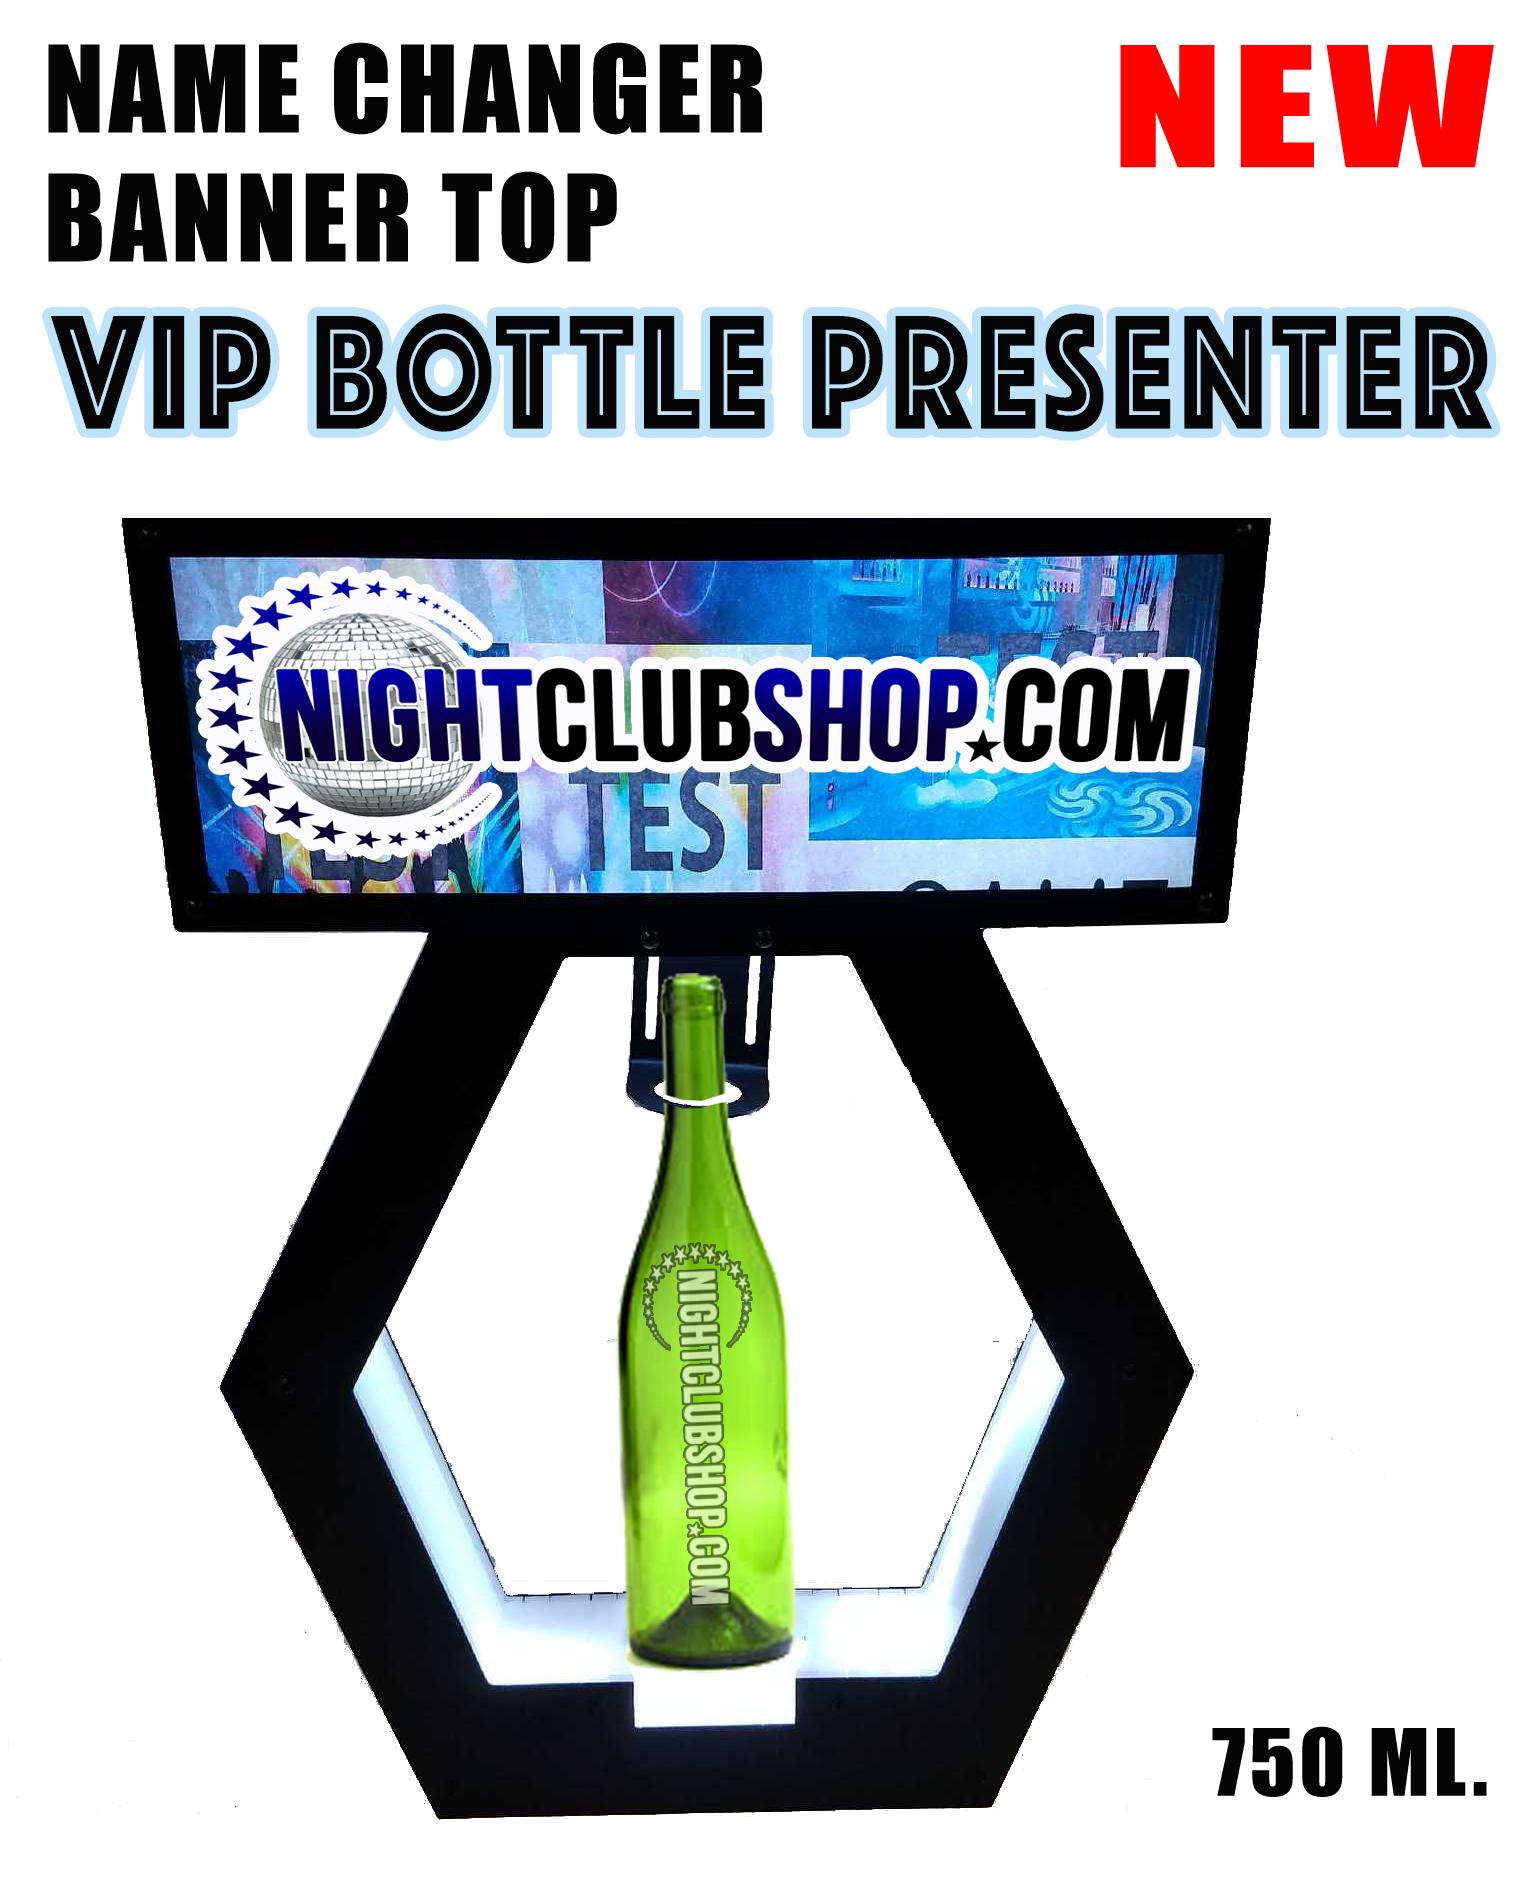 universal-vip-champagne-bottle-service-presenter-banner-top-universal-name-letter-change-changer-custom-led-nightclubshop.jpg